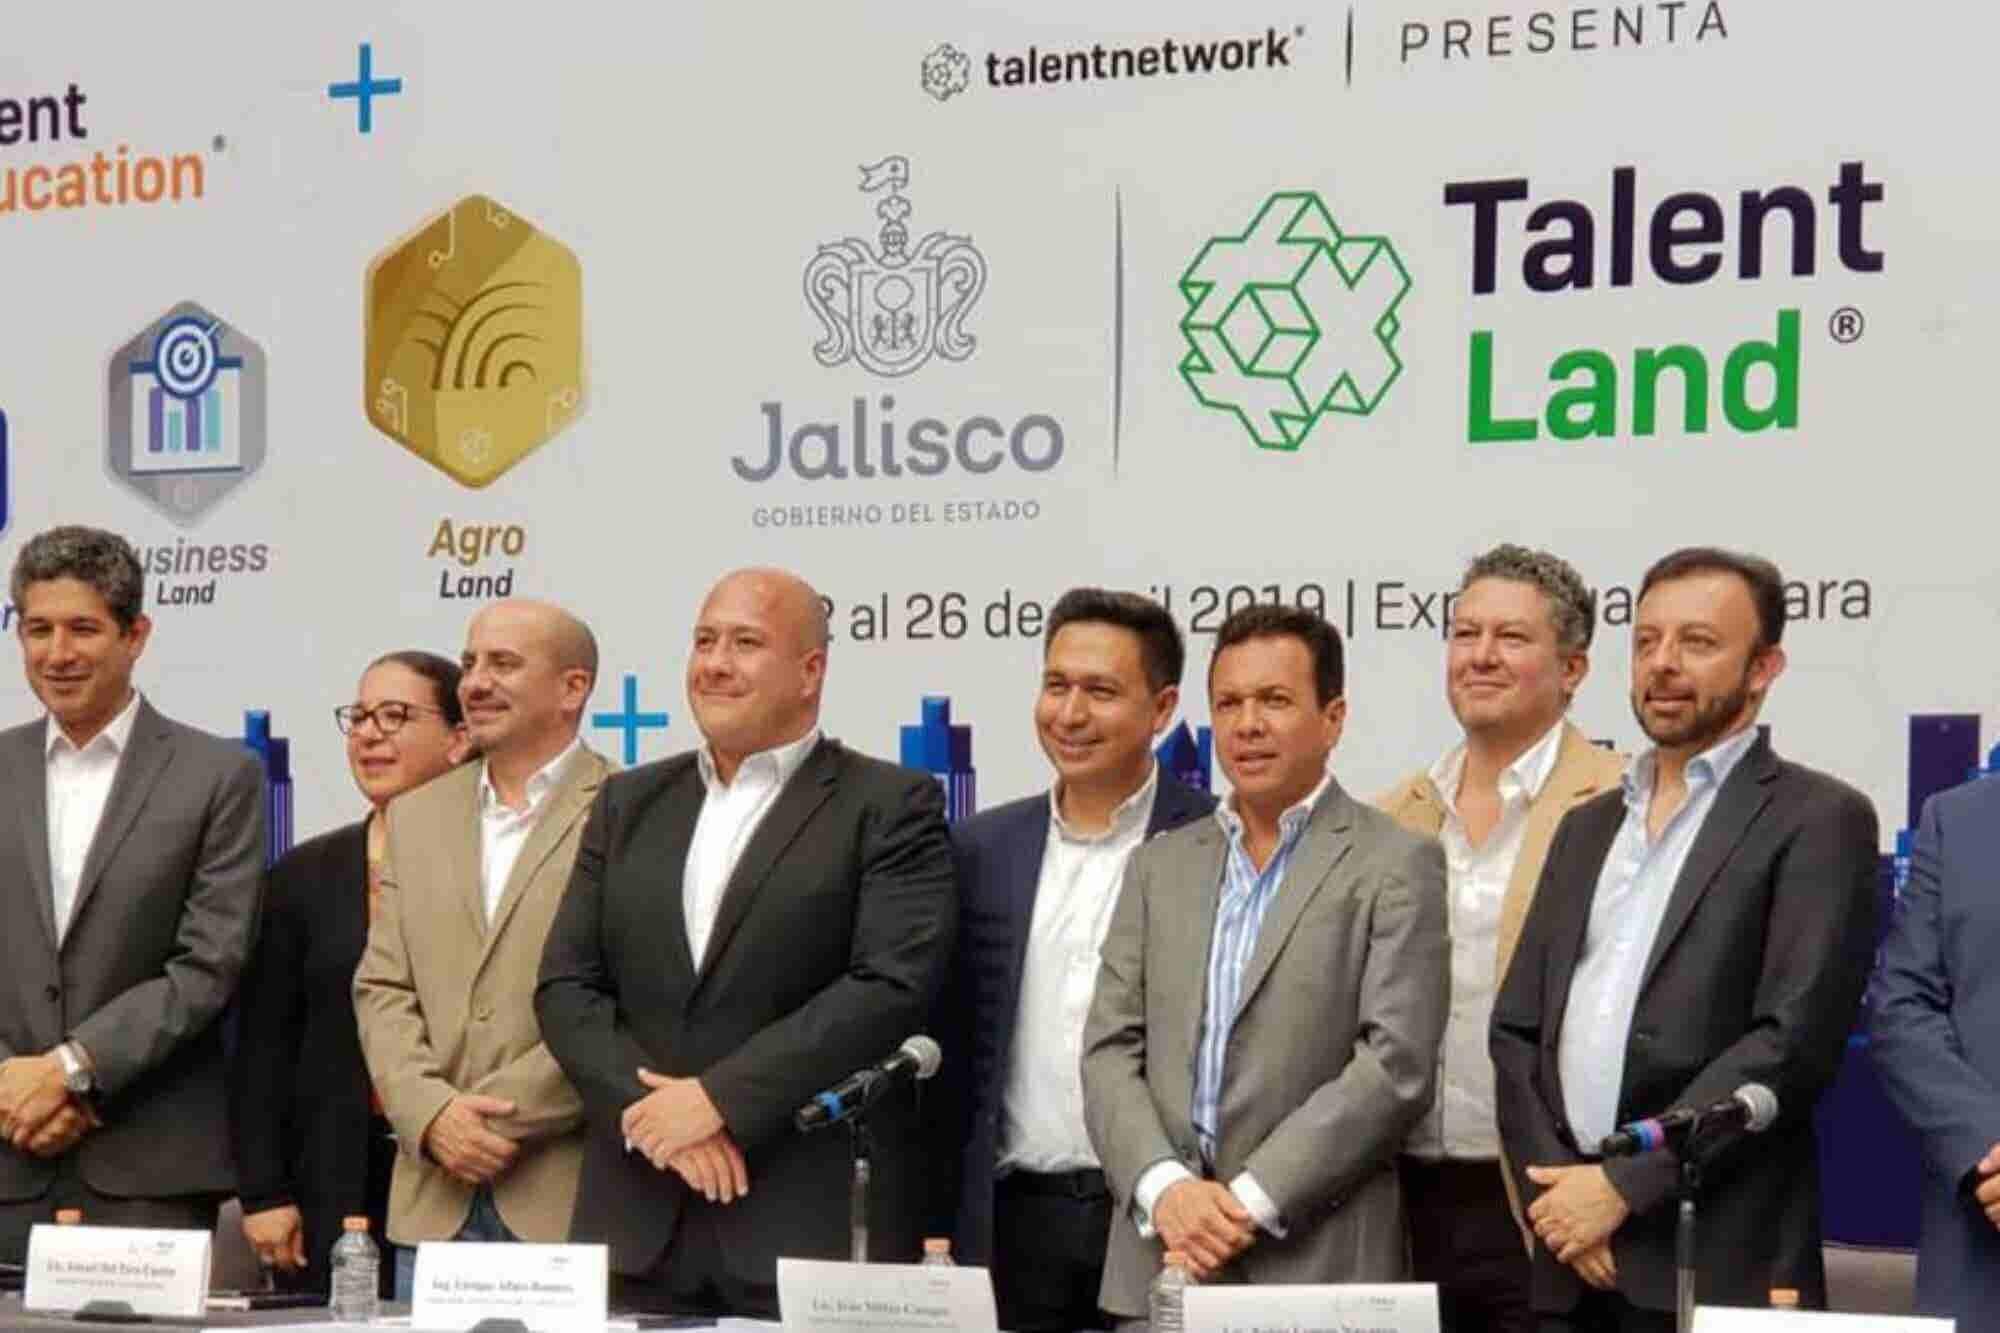 Talent Land busca a la siguiente generación de innovadores